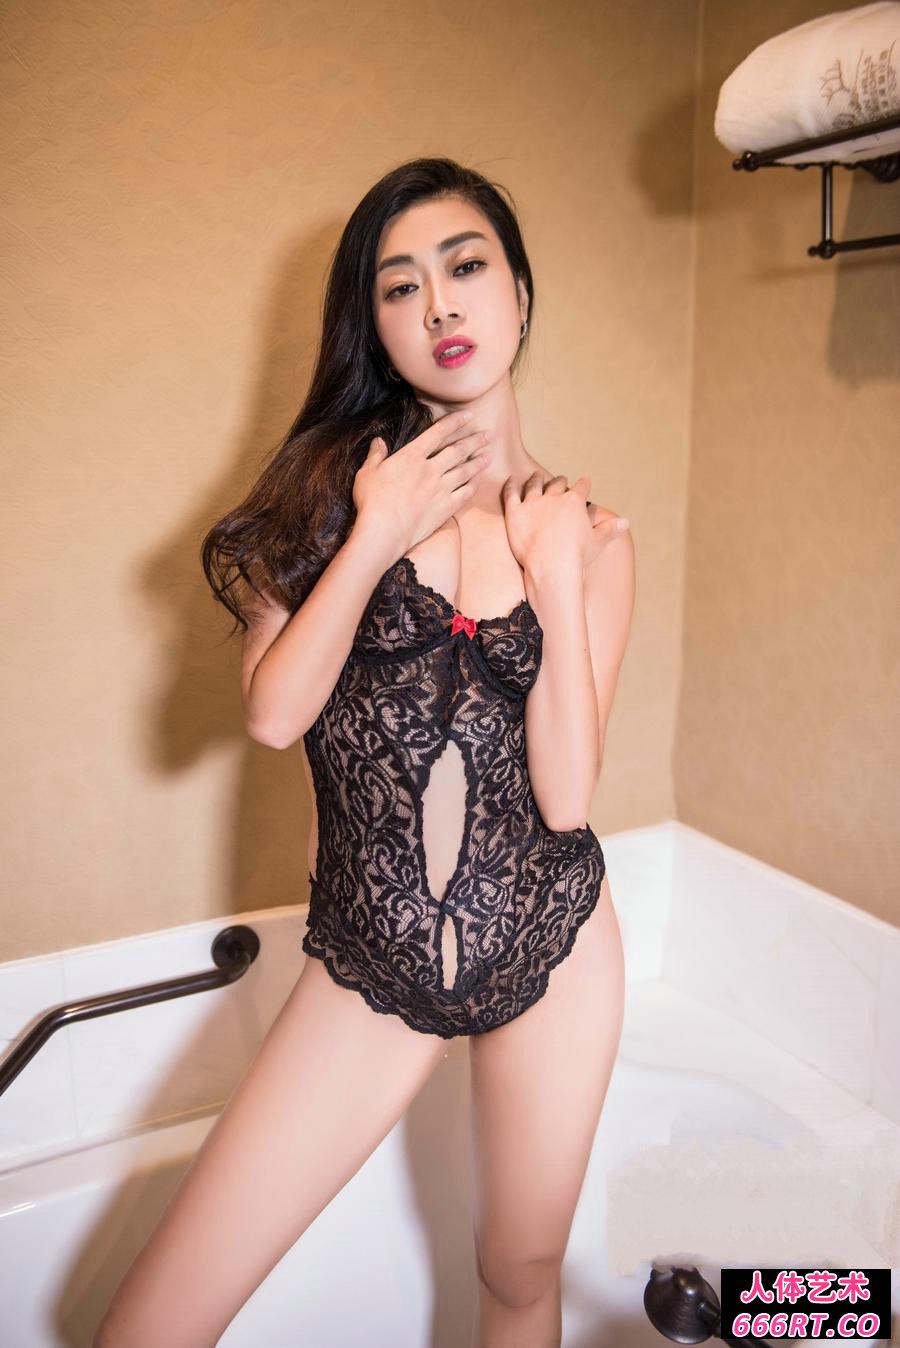 姿势撩人的人妻语溪妩媚泳装写真